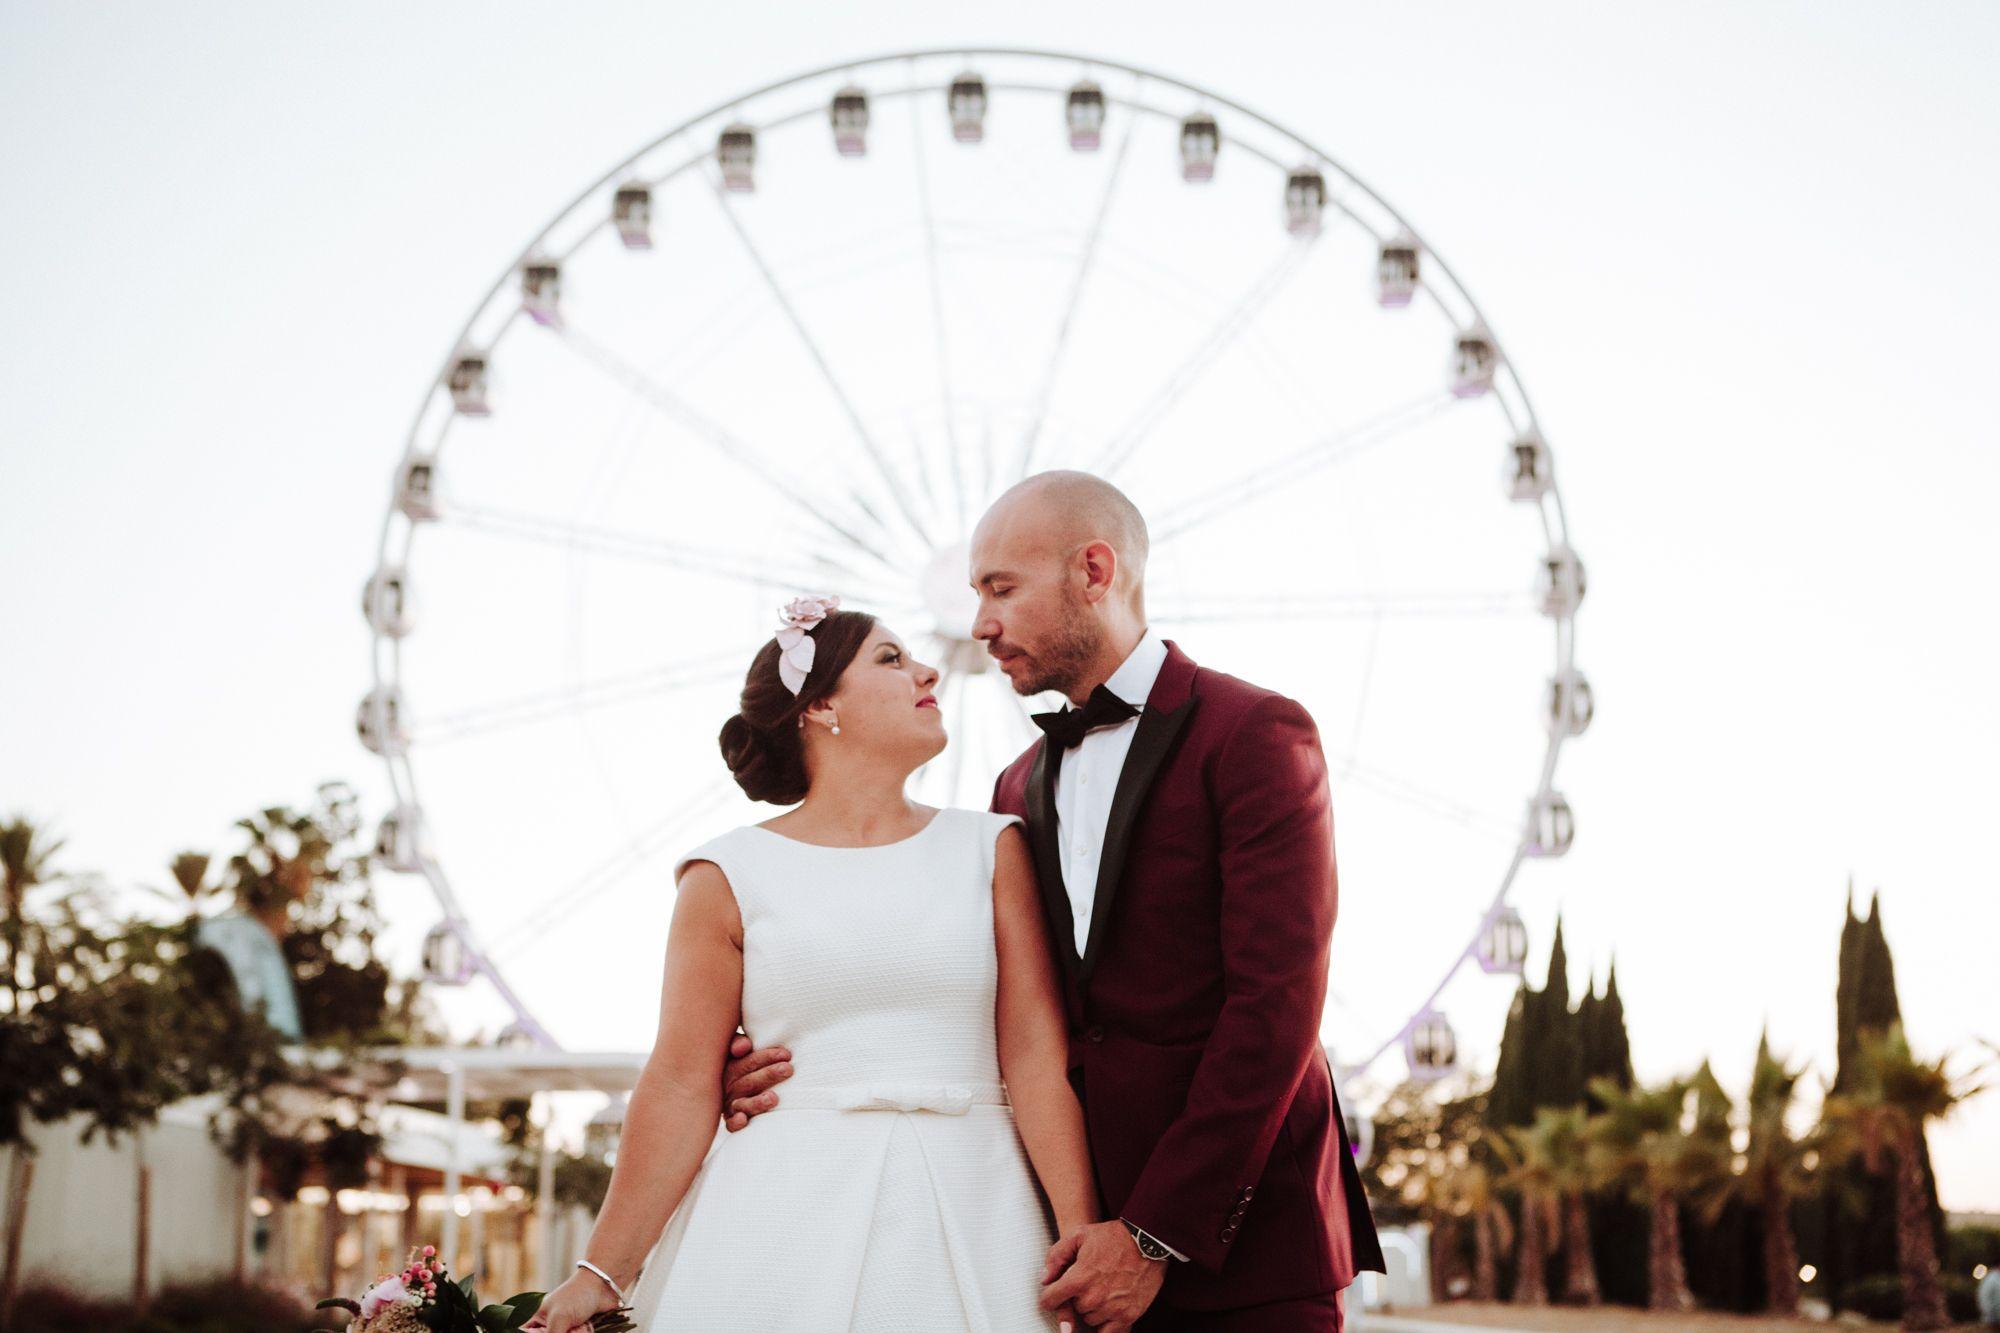 La boda de Amanda y Jorge en Villa Luisa 35